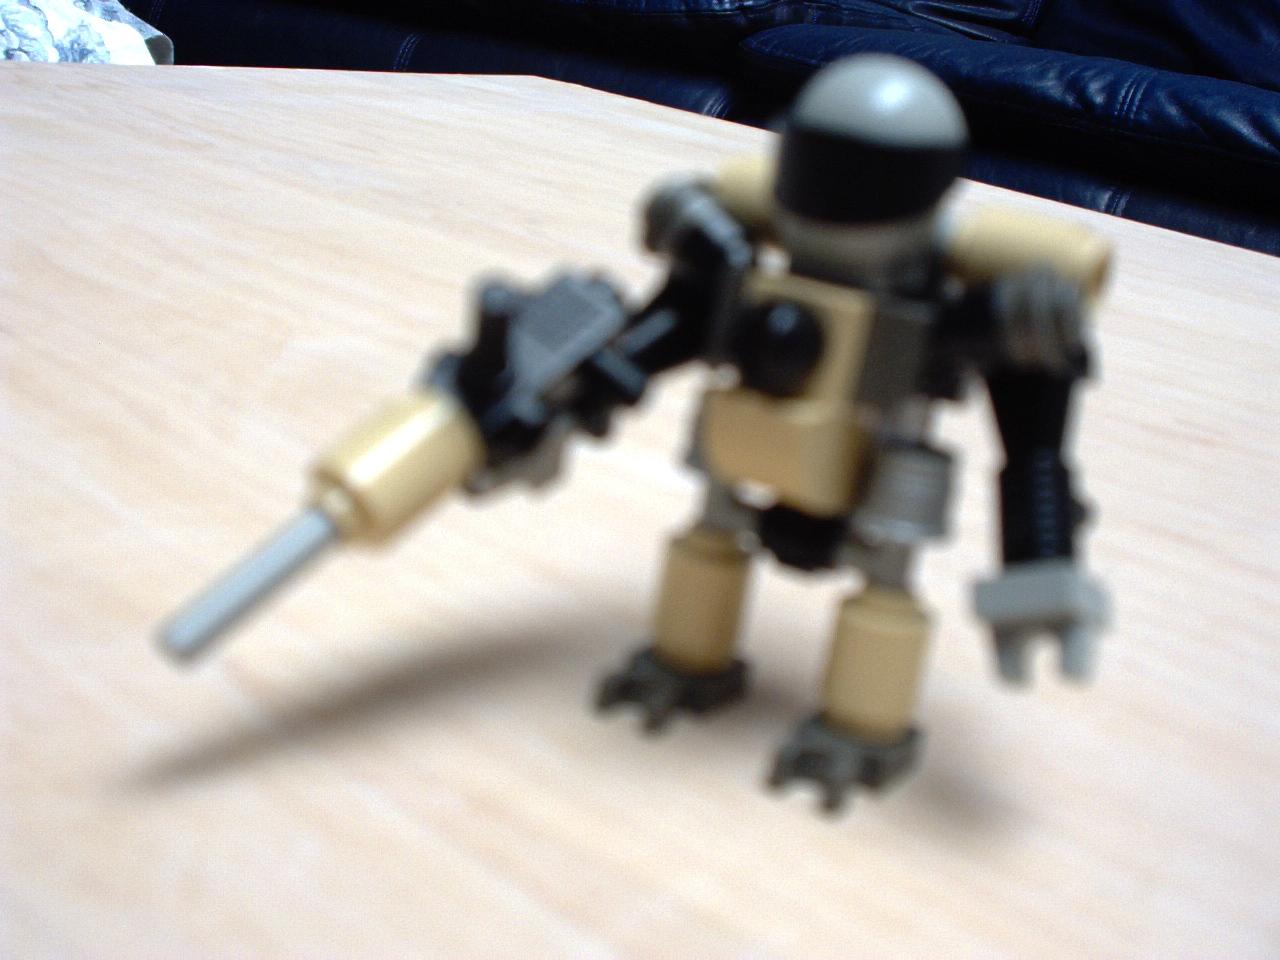 lego90002.jpg